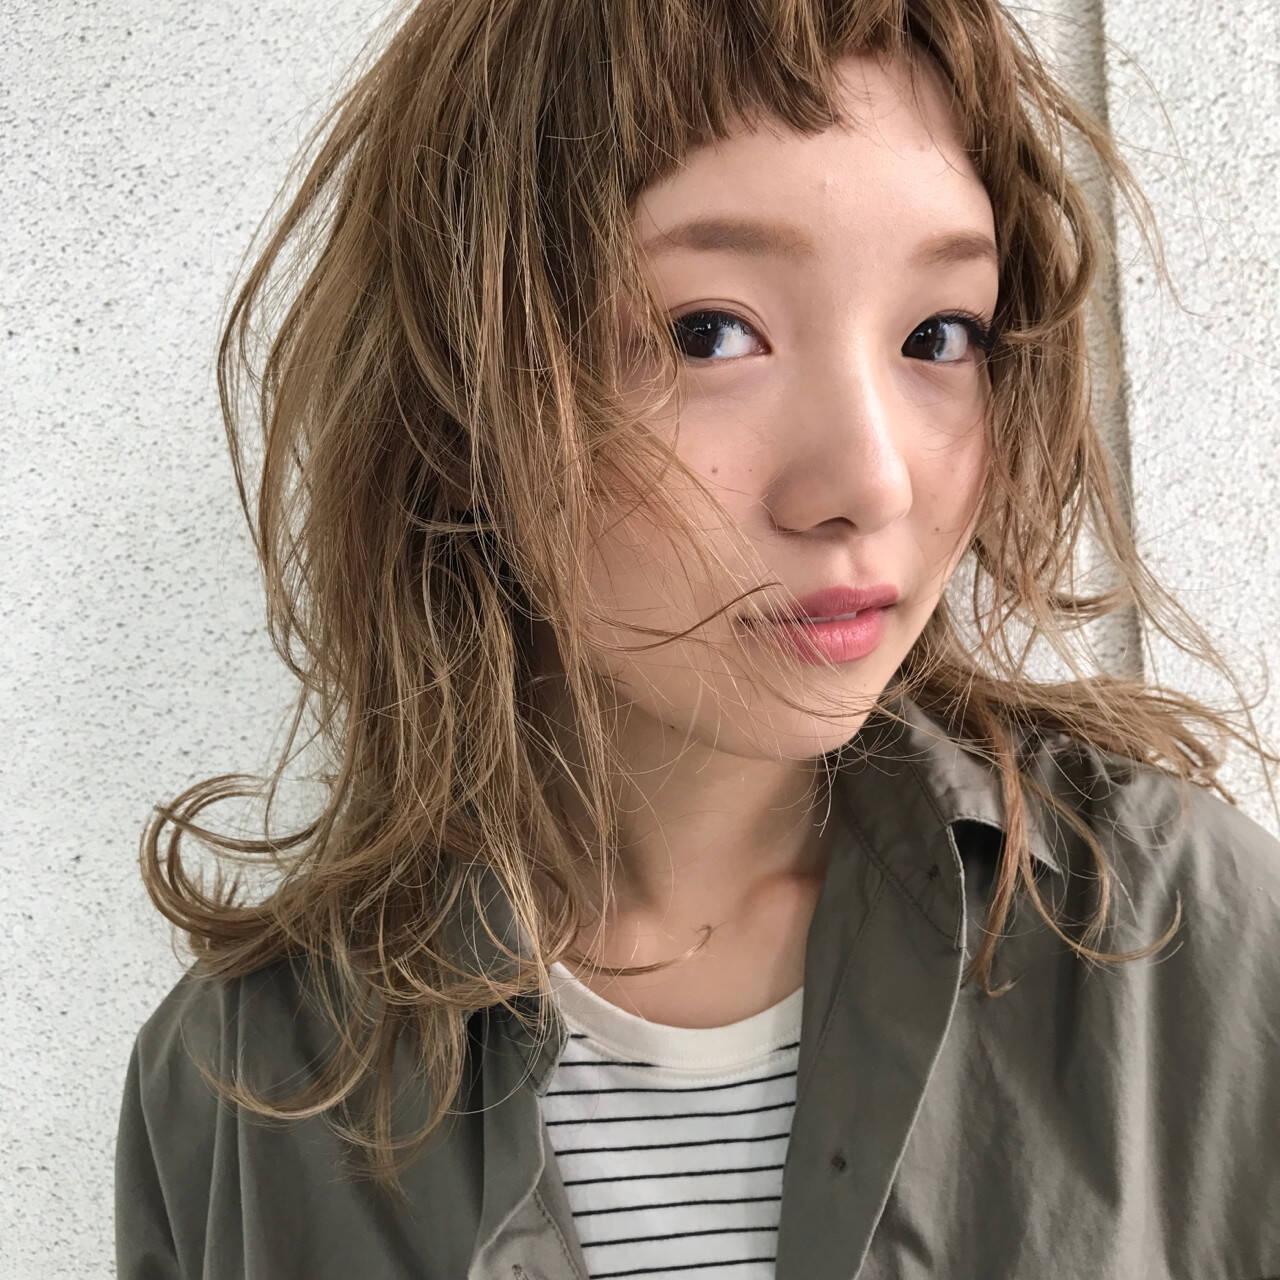 ミディアム パーマ レイヤーカット ウルフカットヘアスタイルや髪型の写真・画像